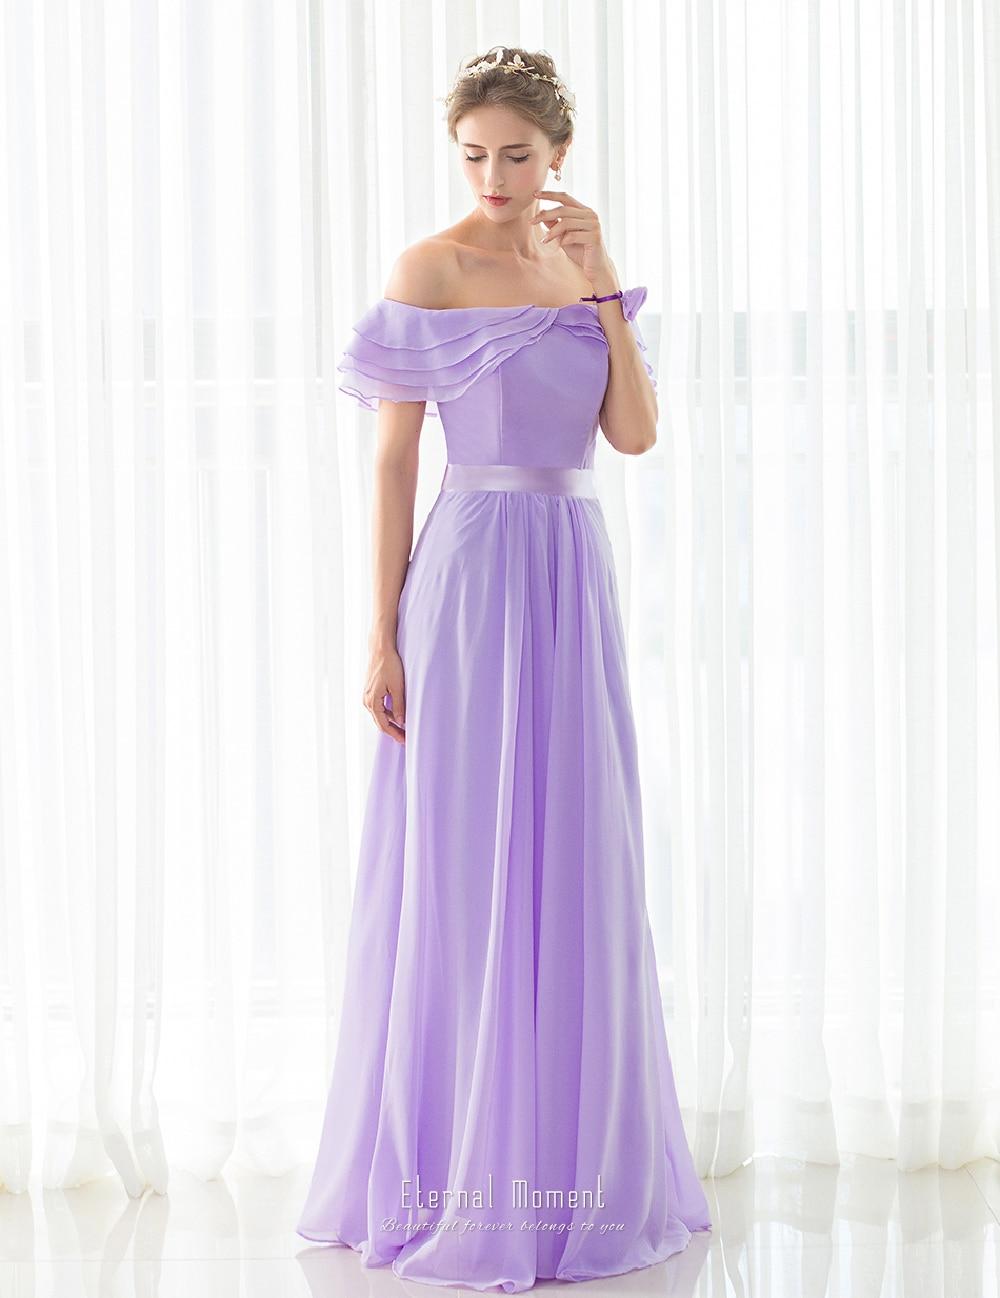 Fantástico Vestidos De Dama De Honor 2014 Del Monzón Viñeta ...